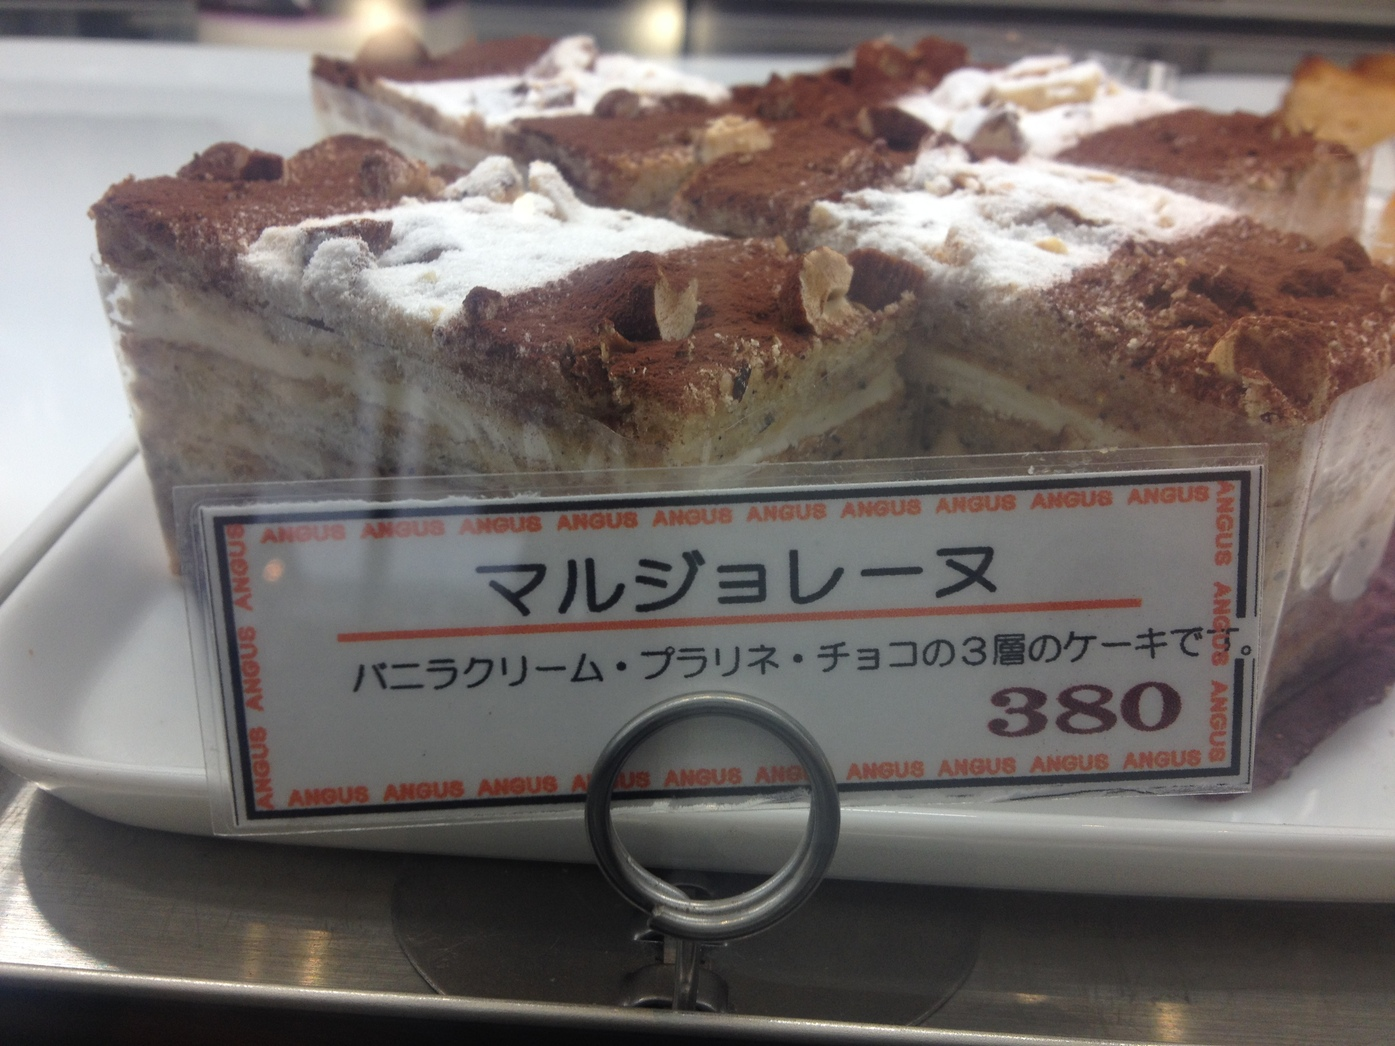 アンガス 江戸堀店